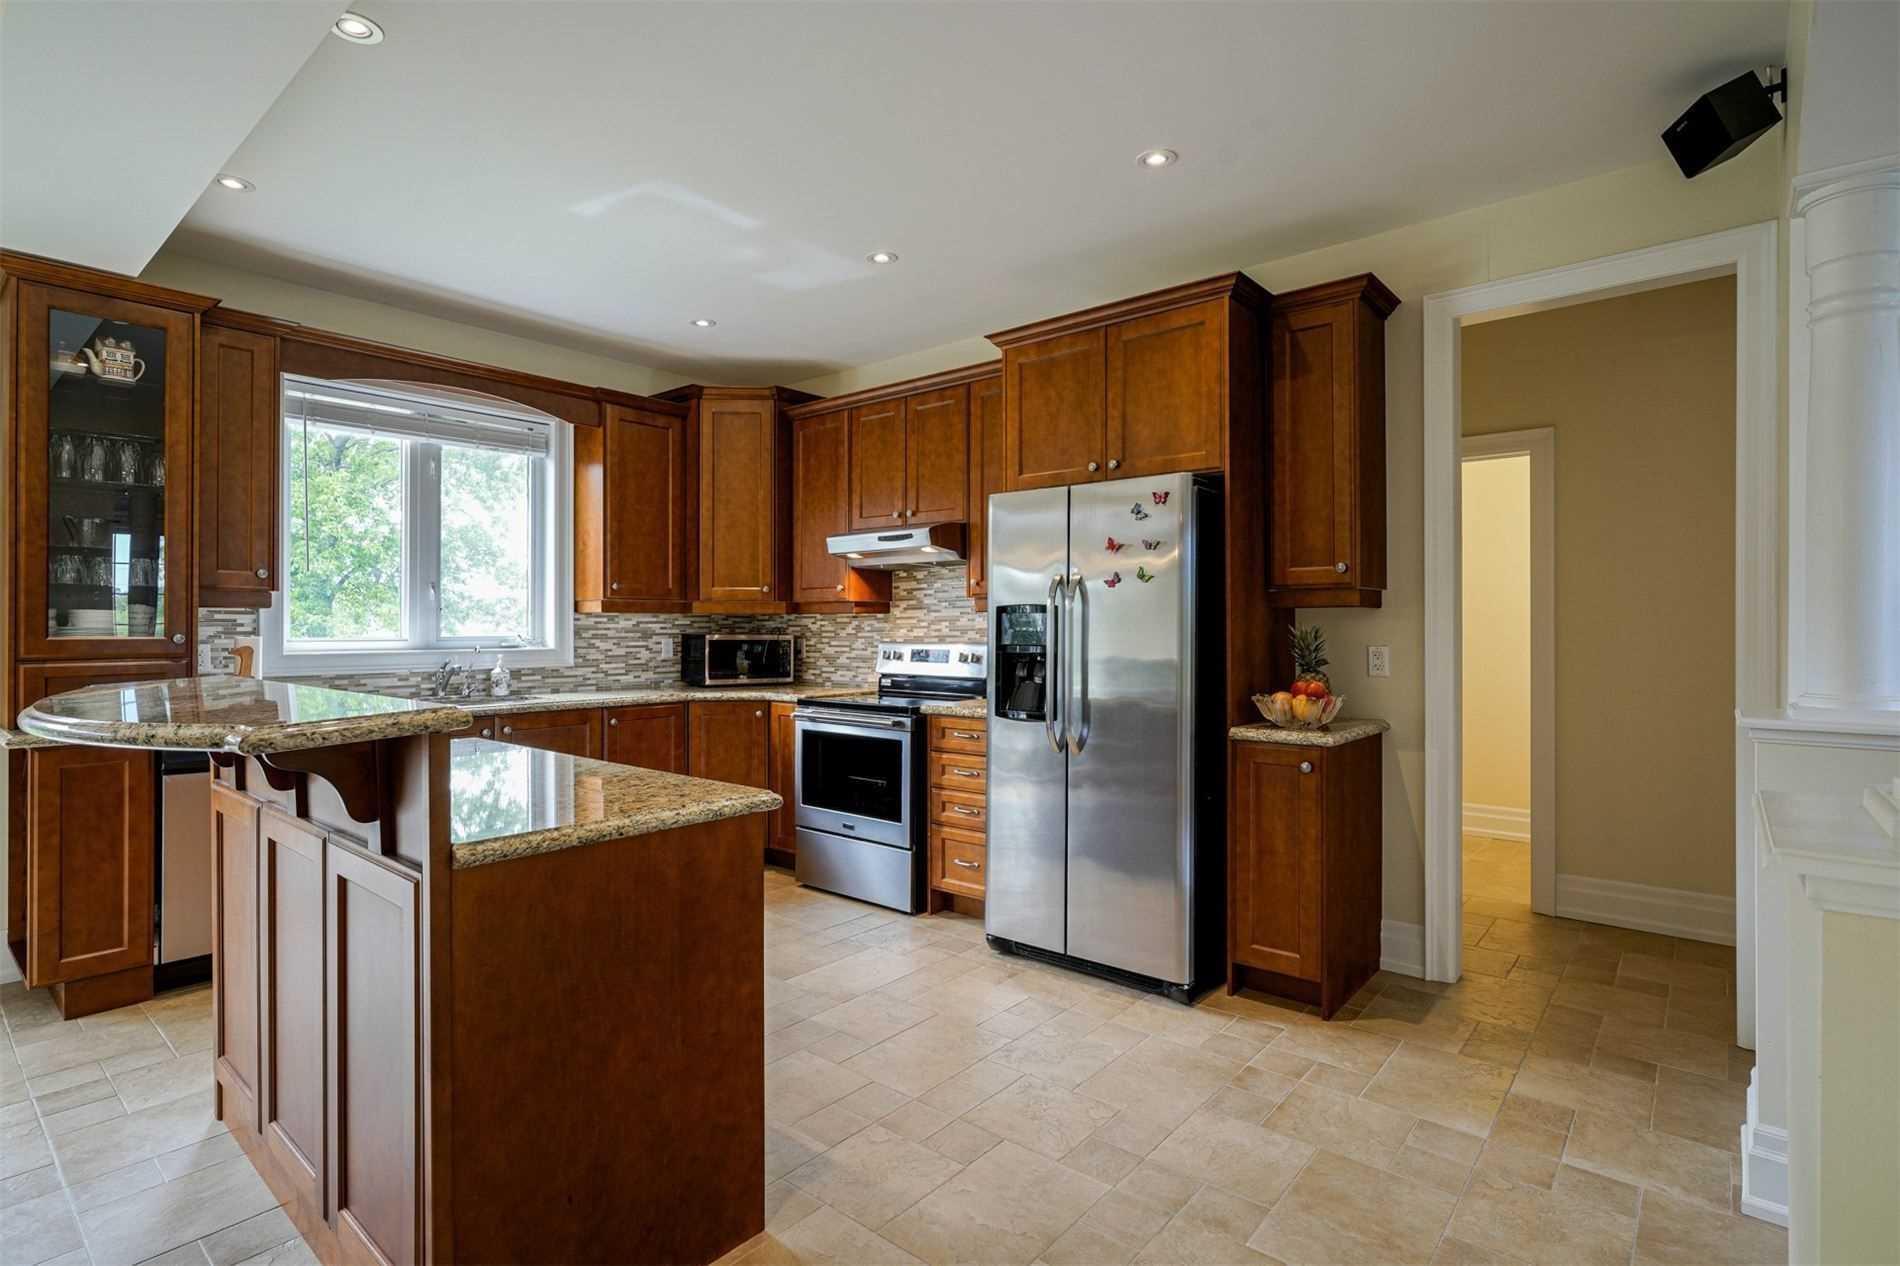 315 Highway 47 Rd - Rural Uxbridge Detached for sale, 3 Bedrooms (N5306115) - #12